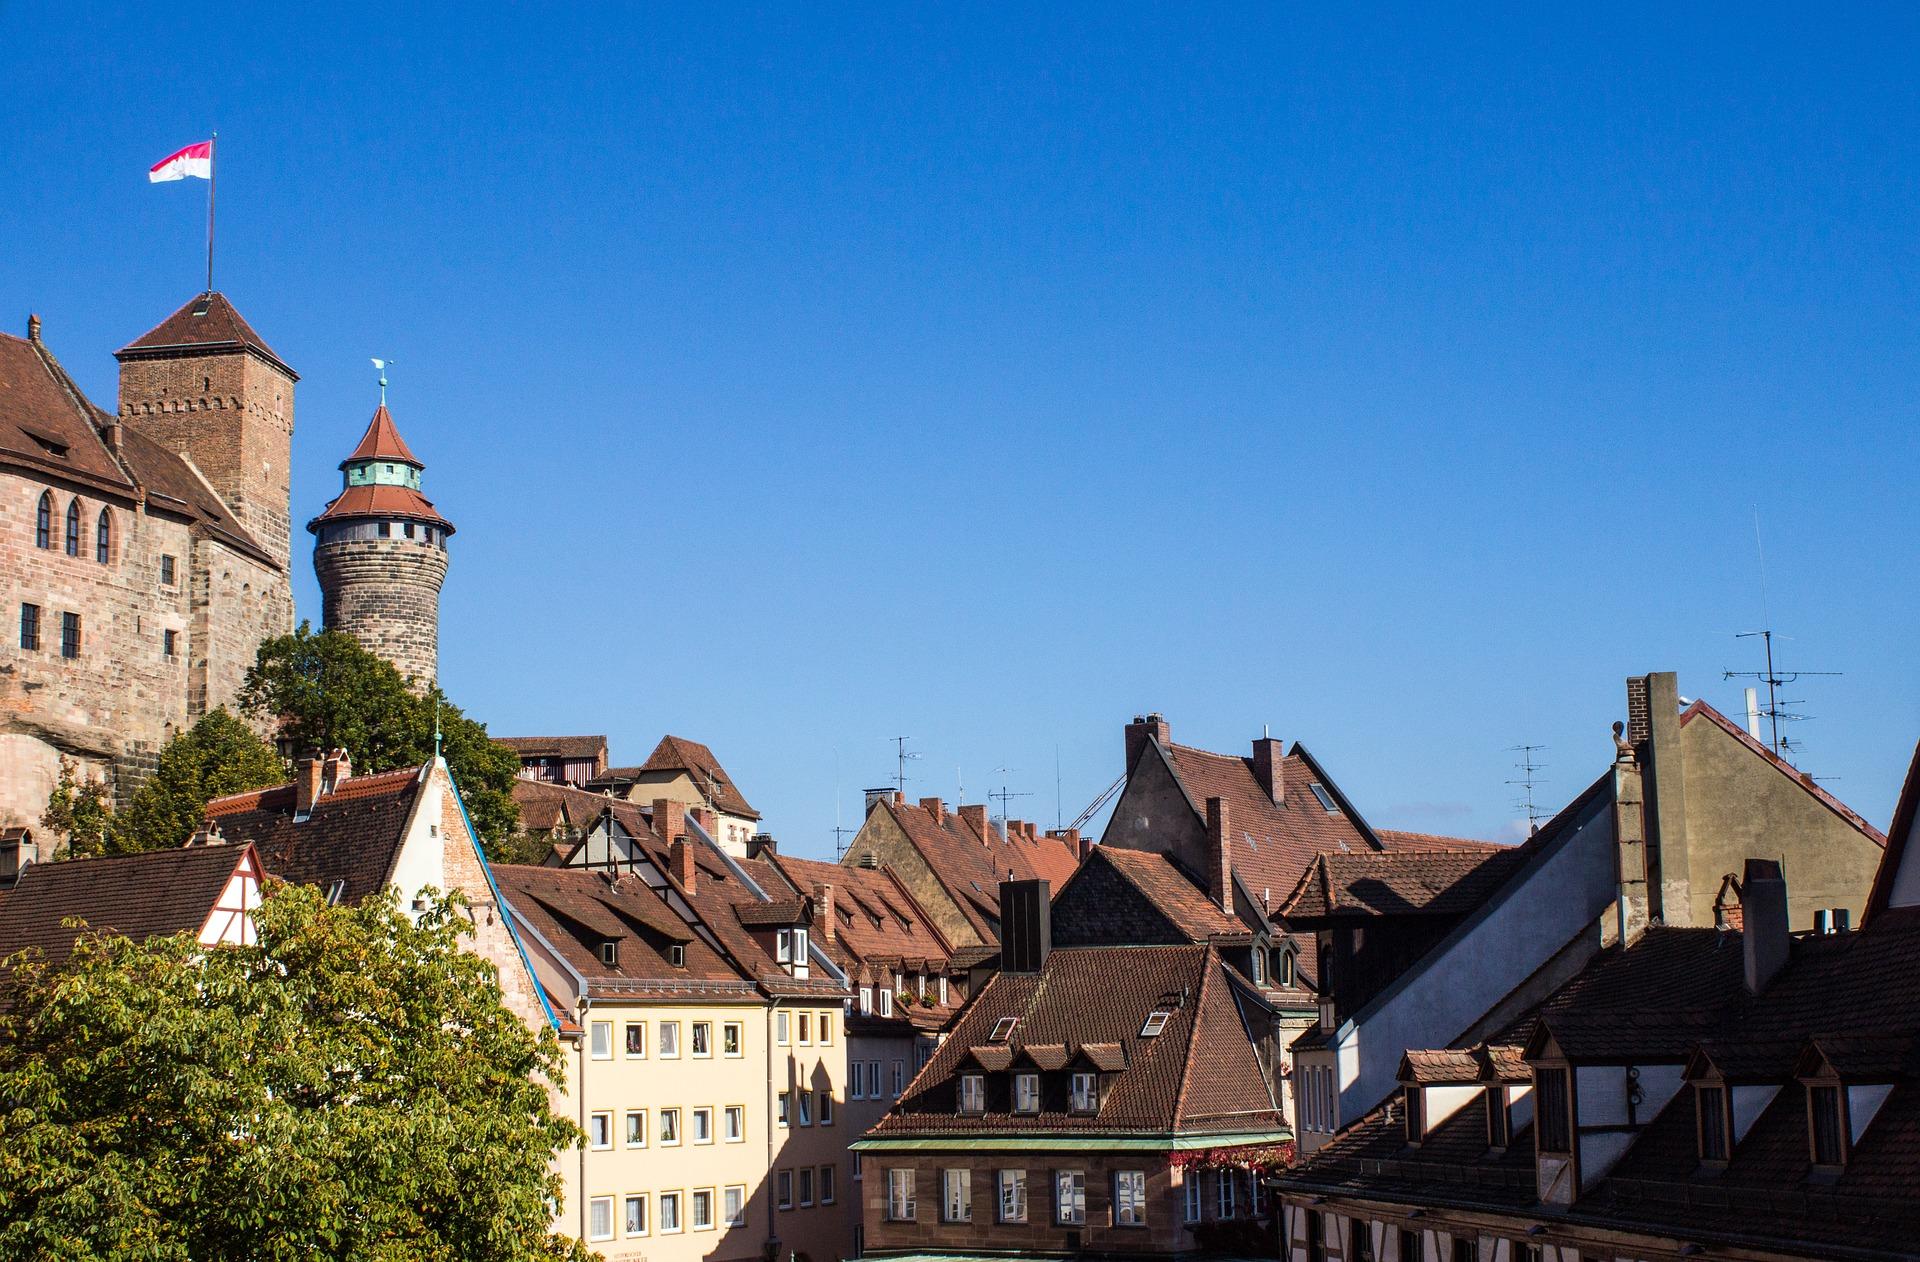 nuremberg-chateau-imperial.jpg?1543154382